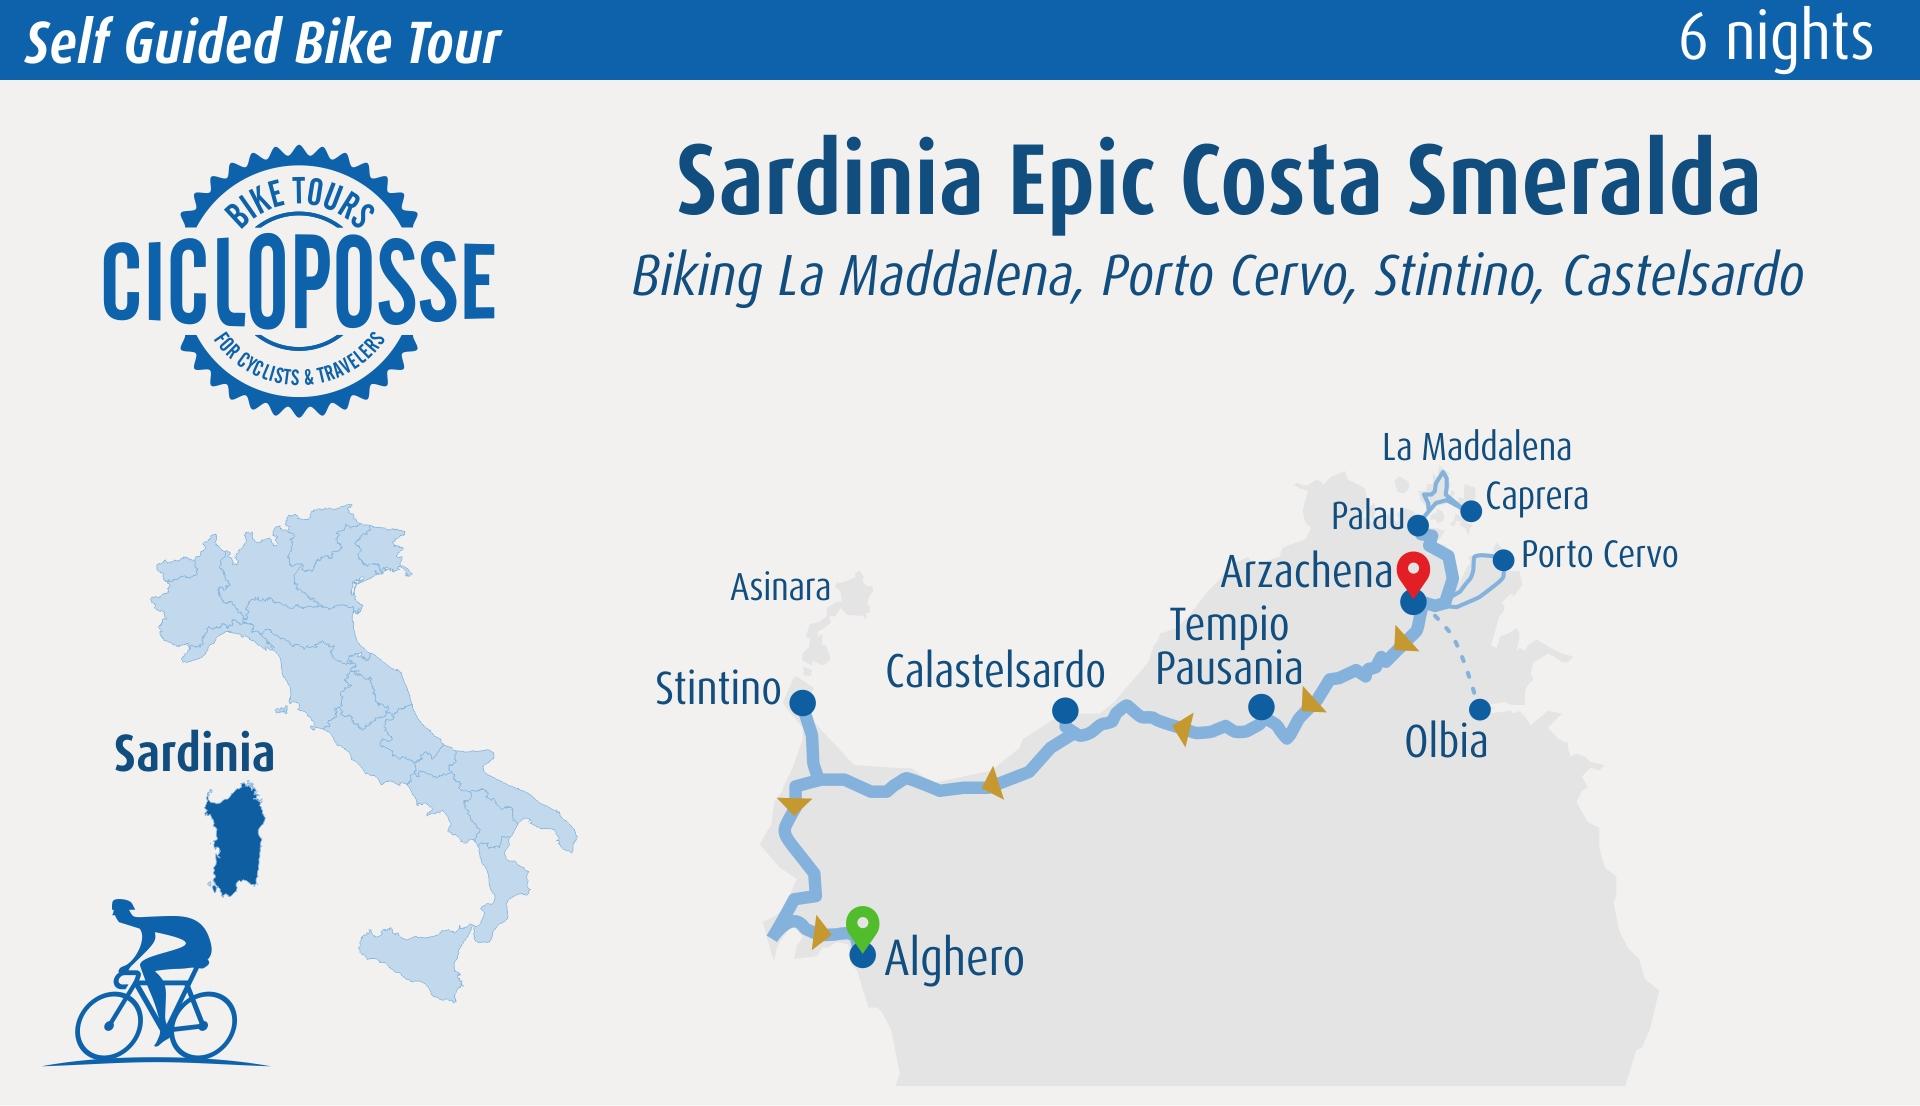 map tour sardinia epic from costa smeralda to Alghero